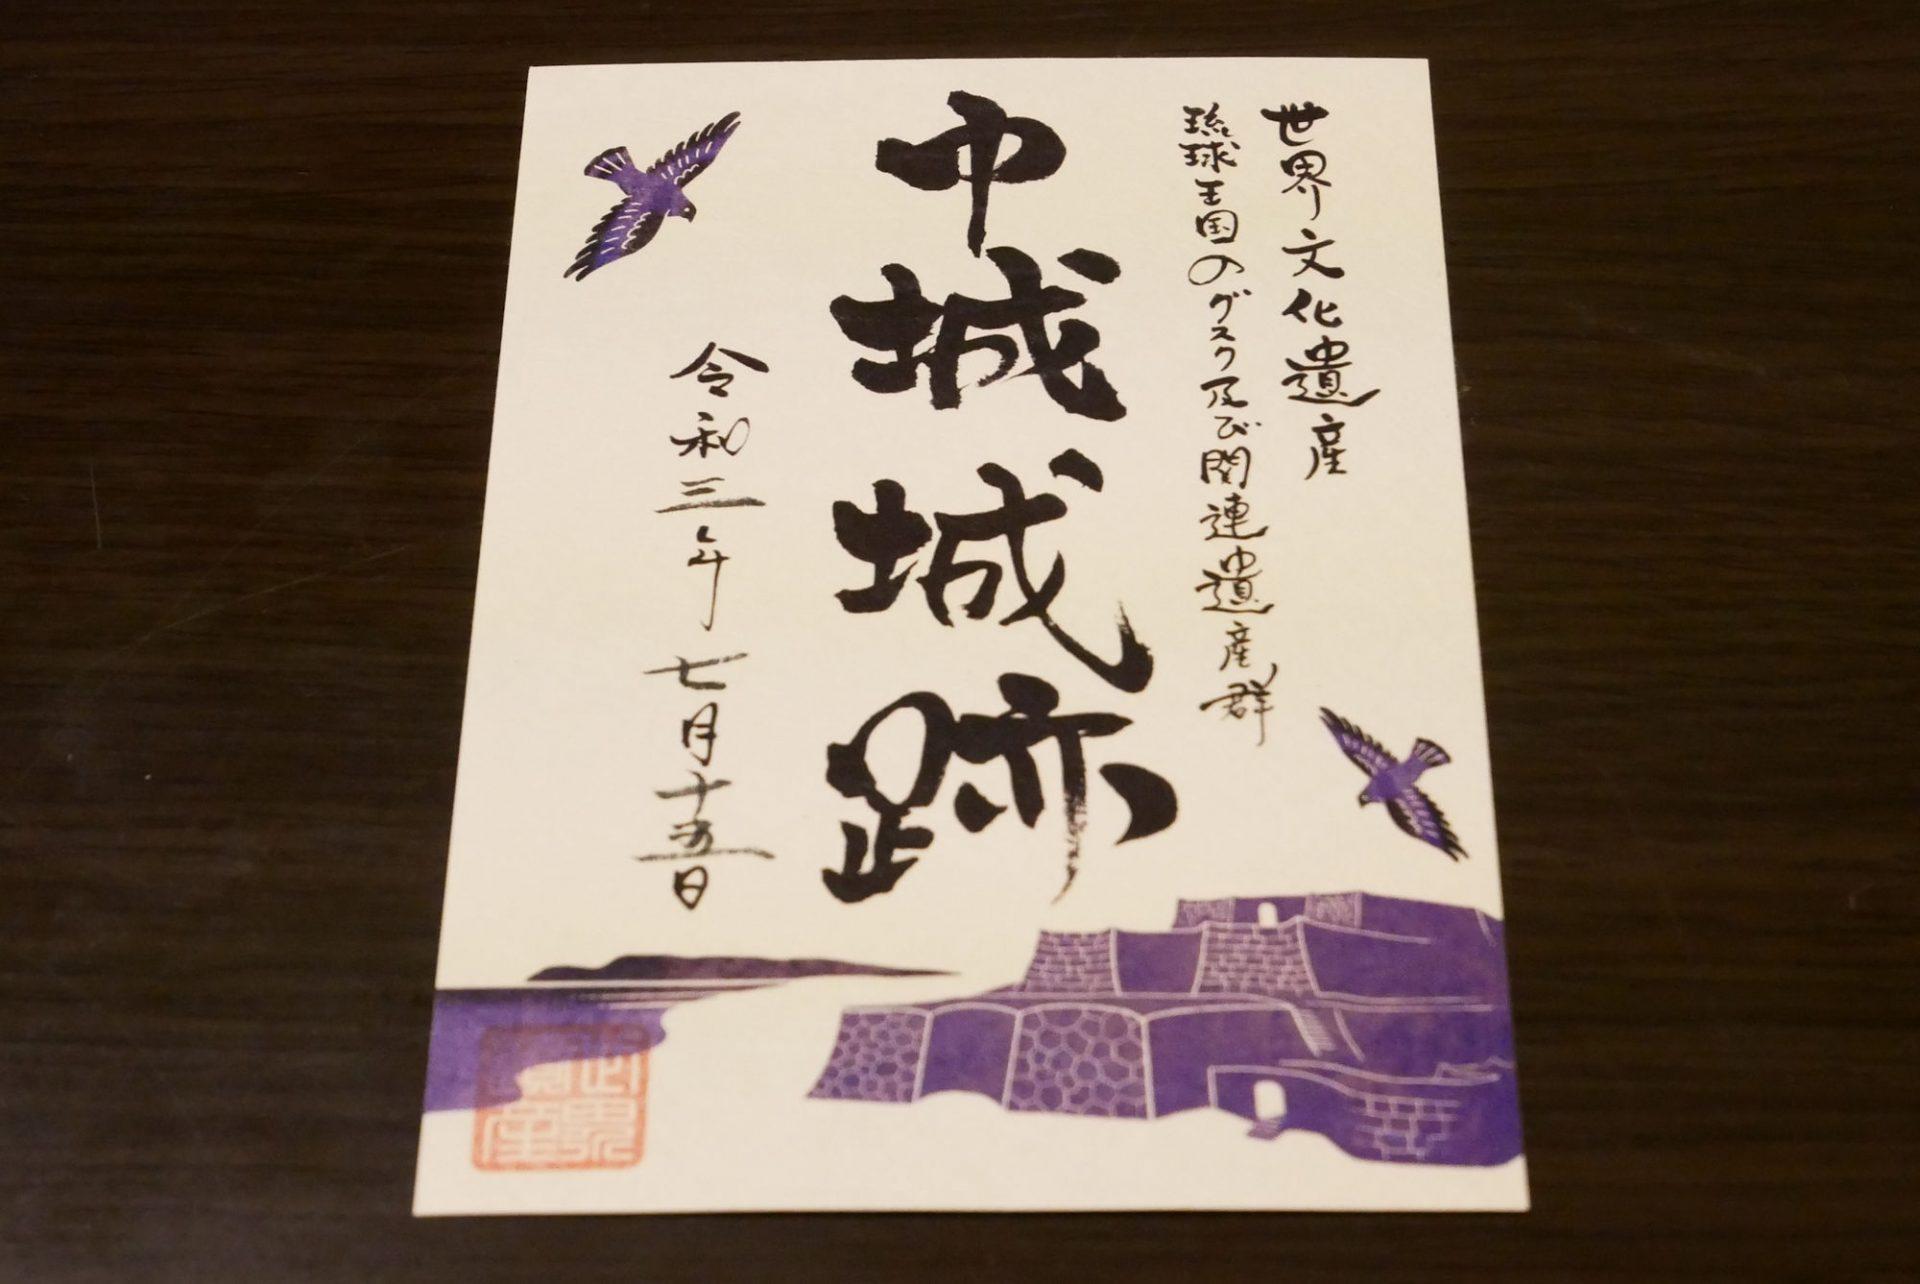 御城印 中城村 世界遺産 中城城跡 沖縄 観光 旅行 歴史